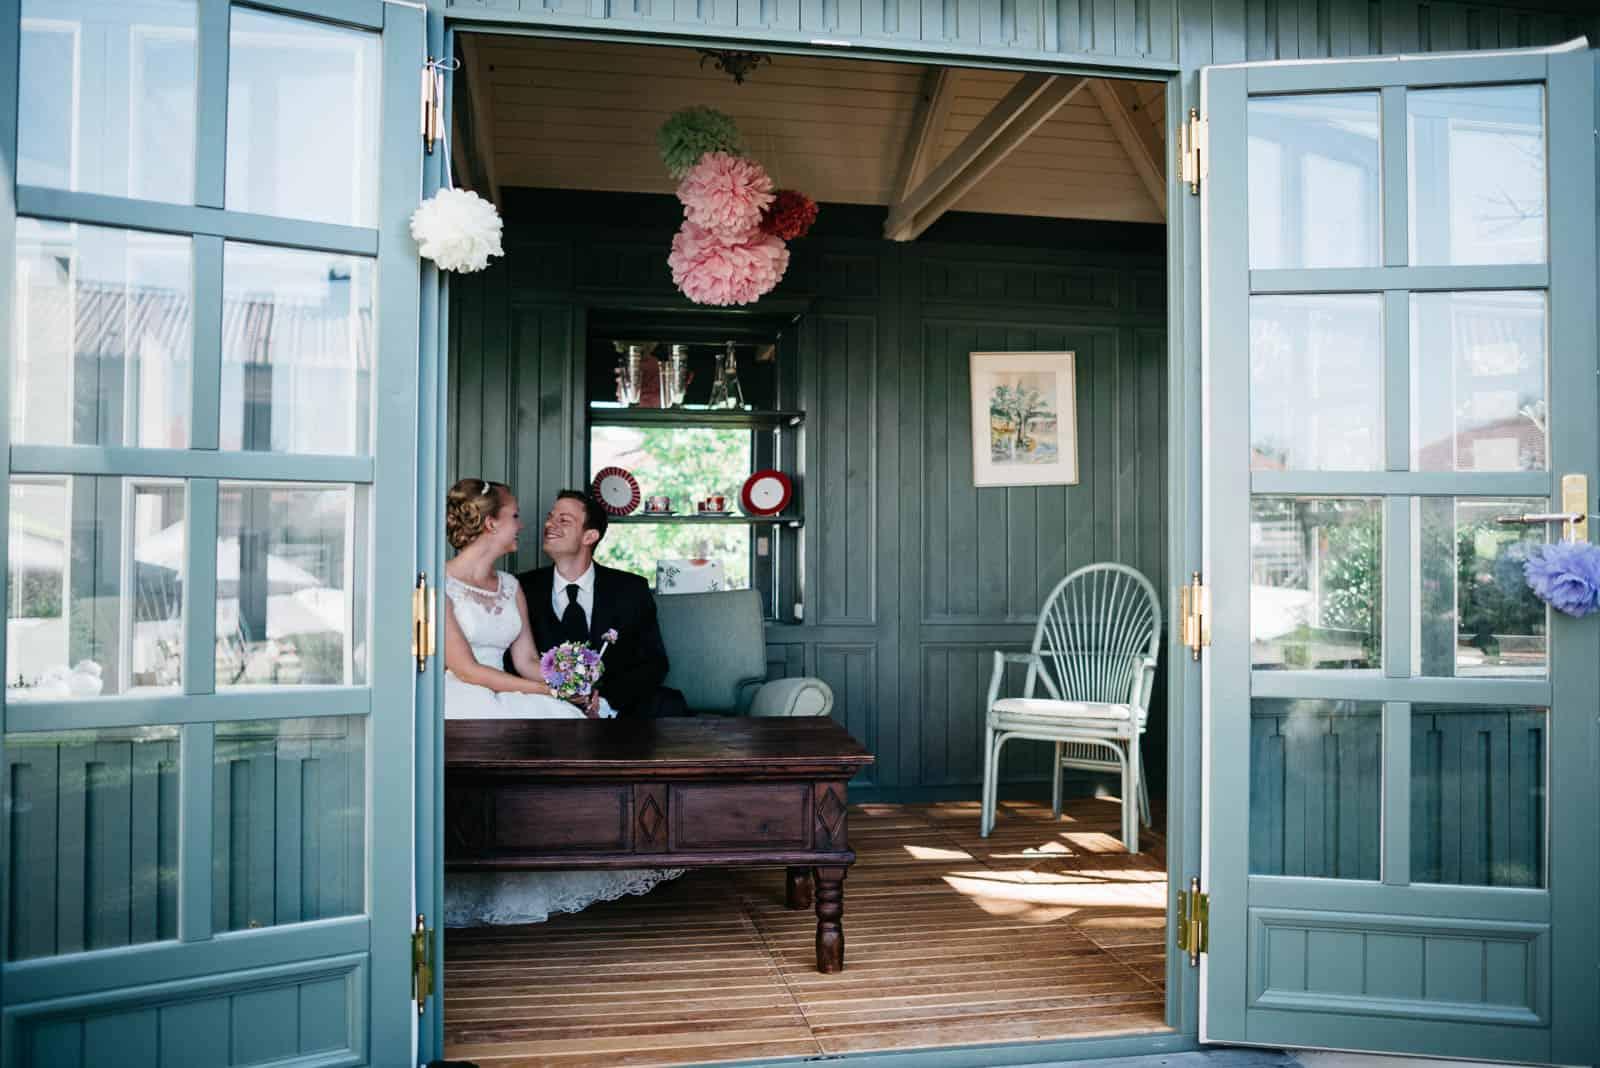 Wedding_Photography_033